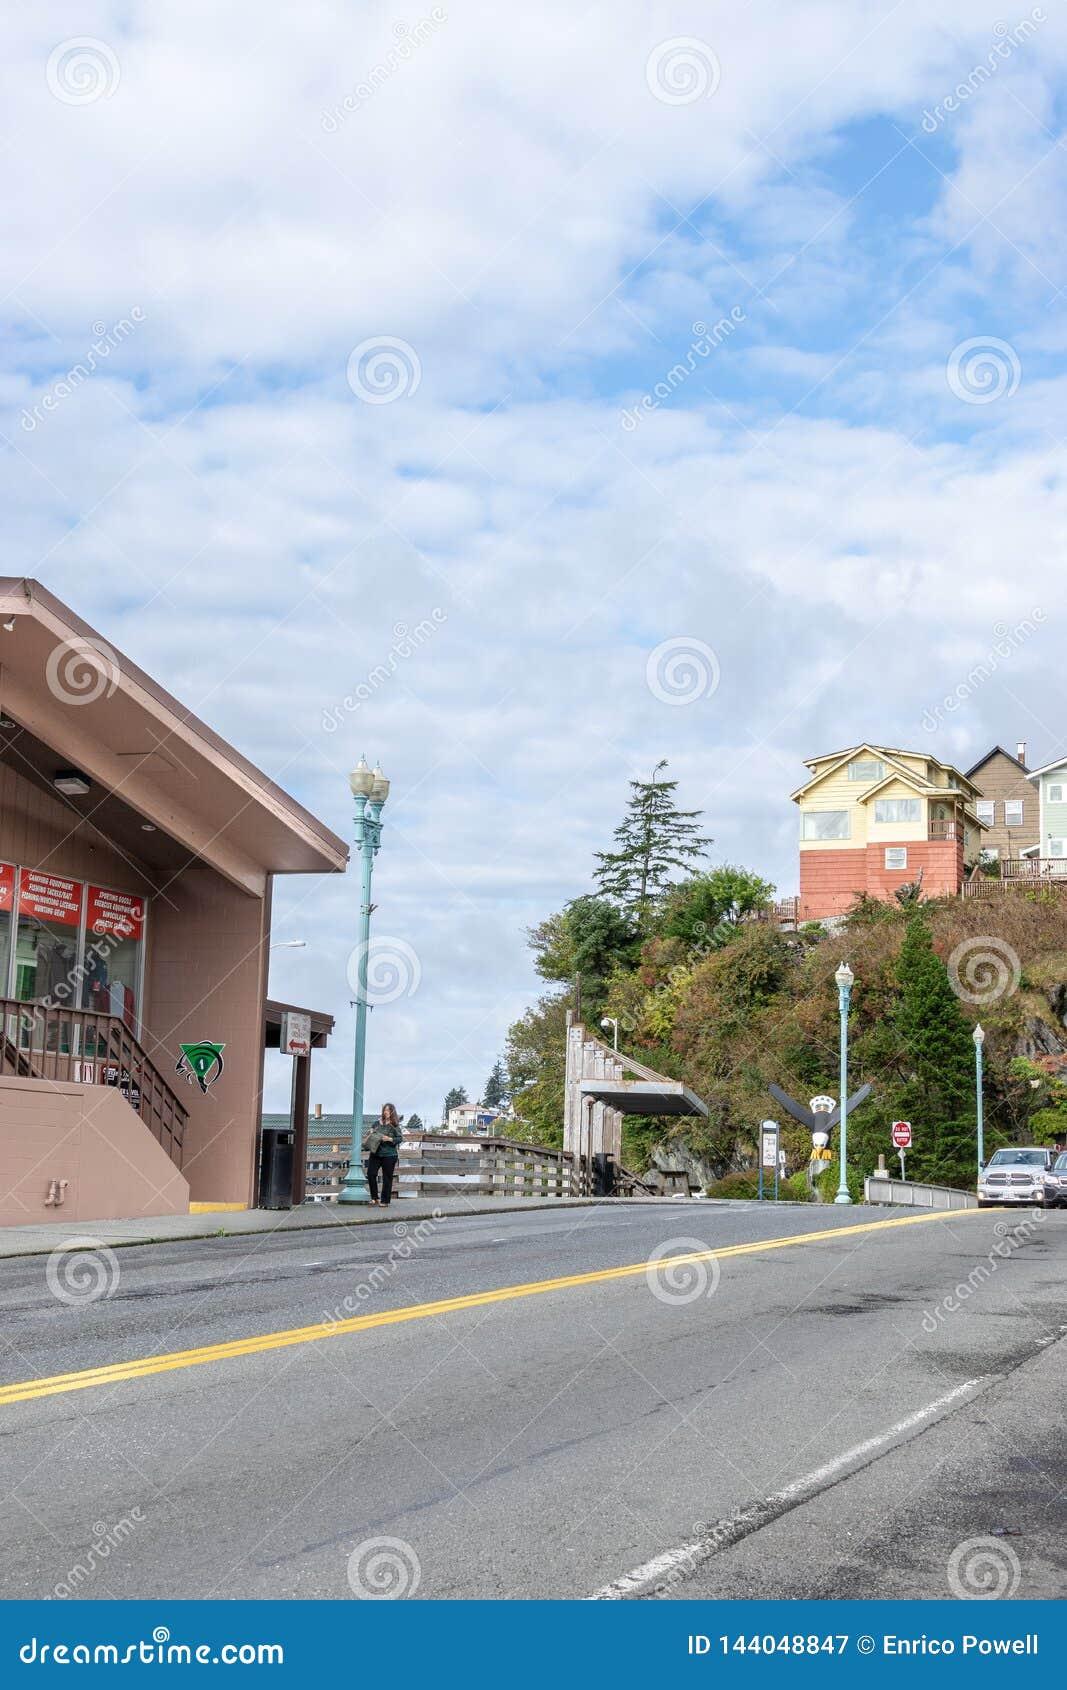 Street view in downtown Ketchikan Alaska